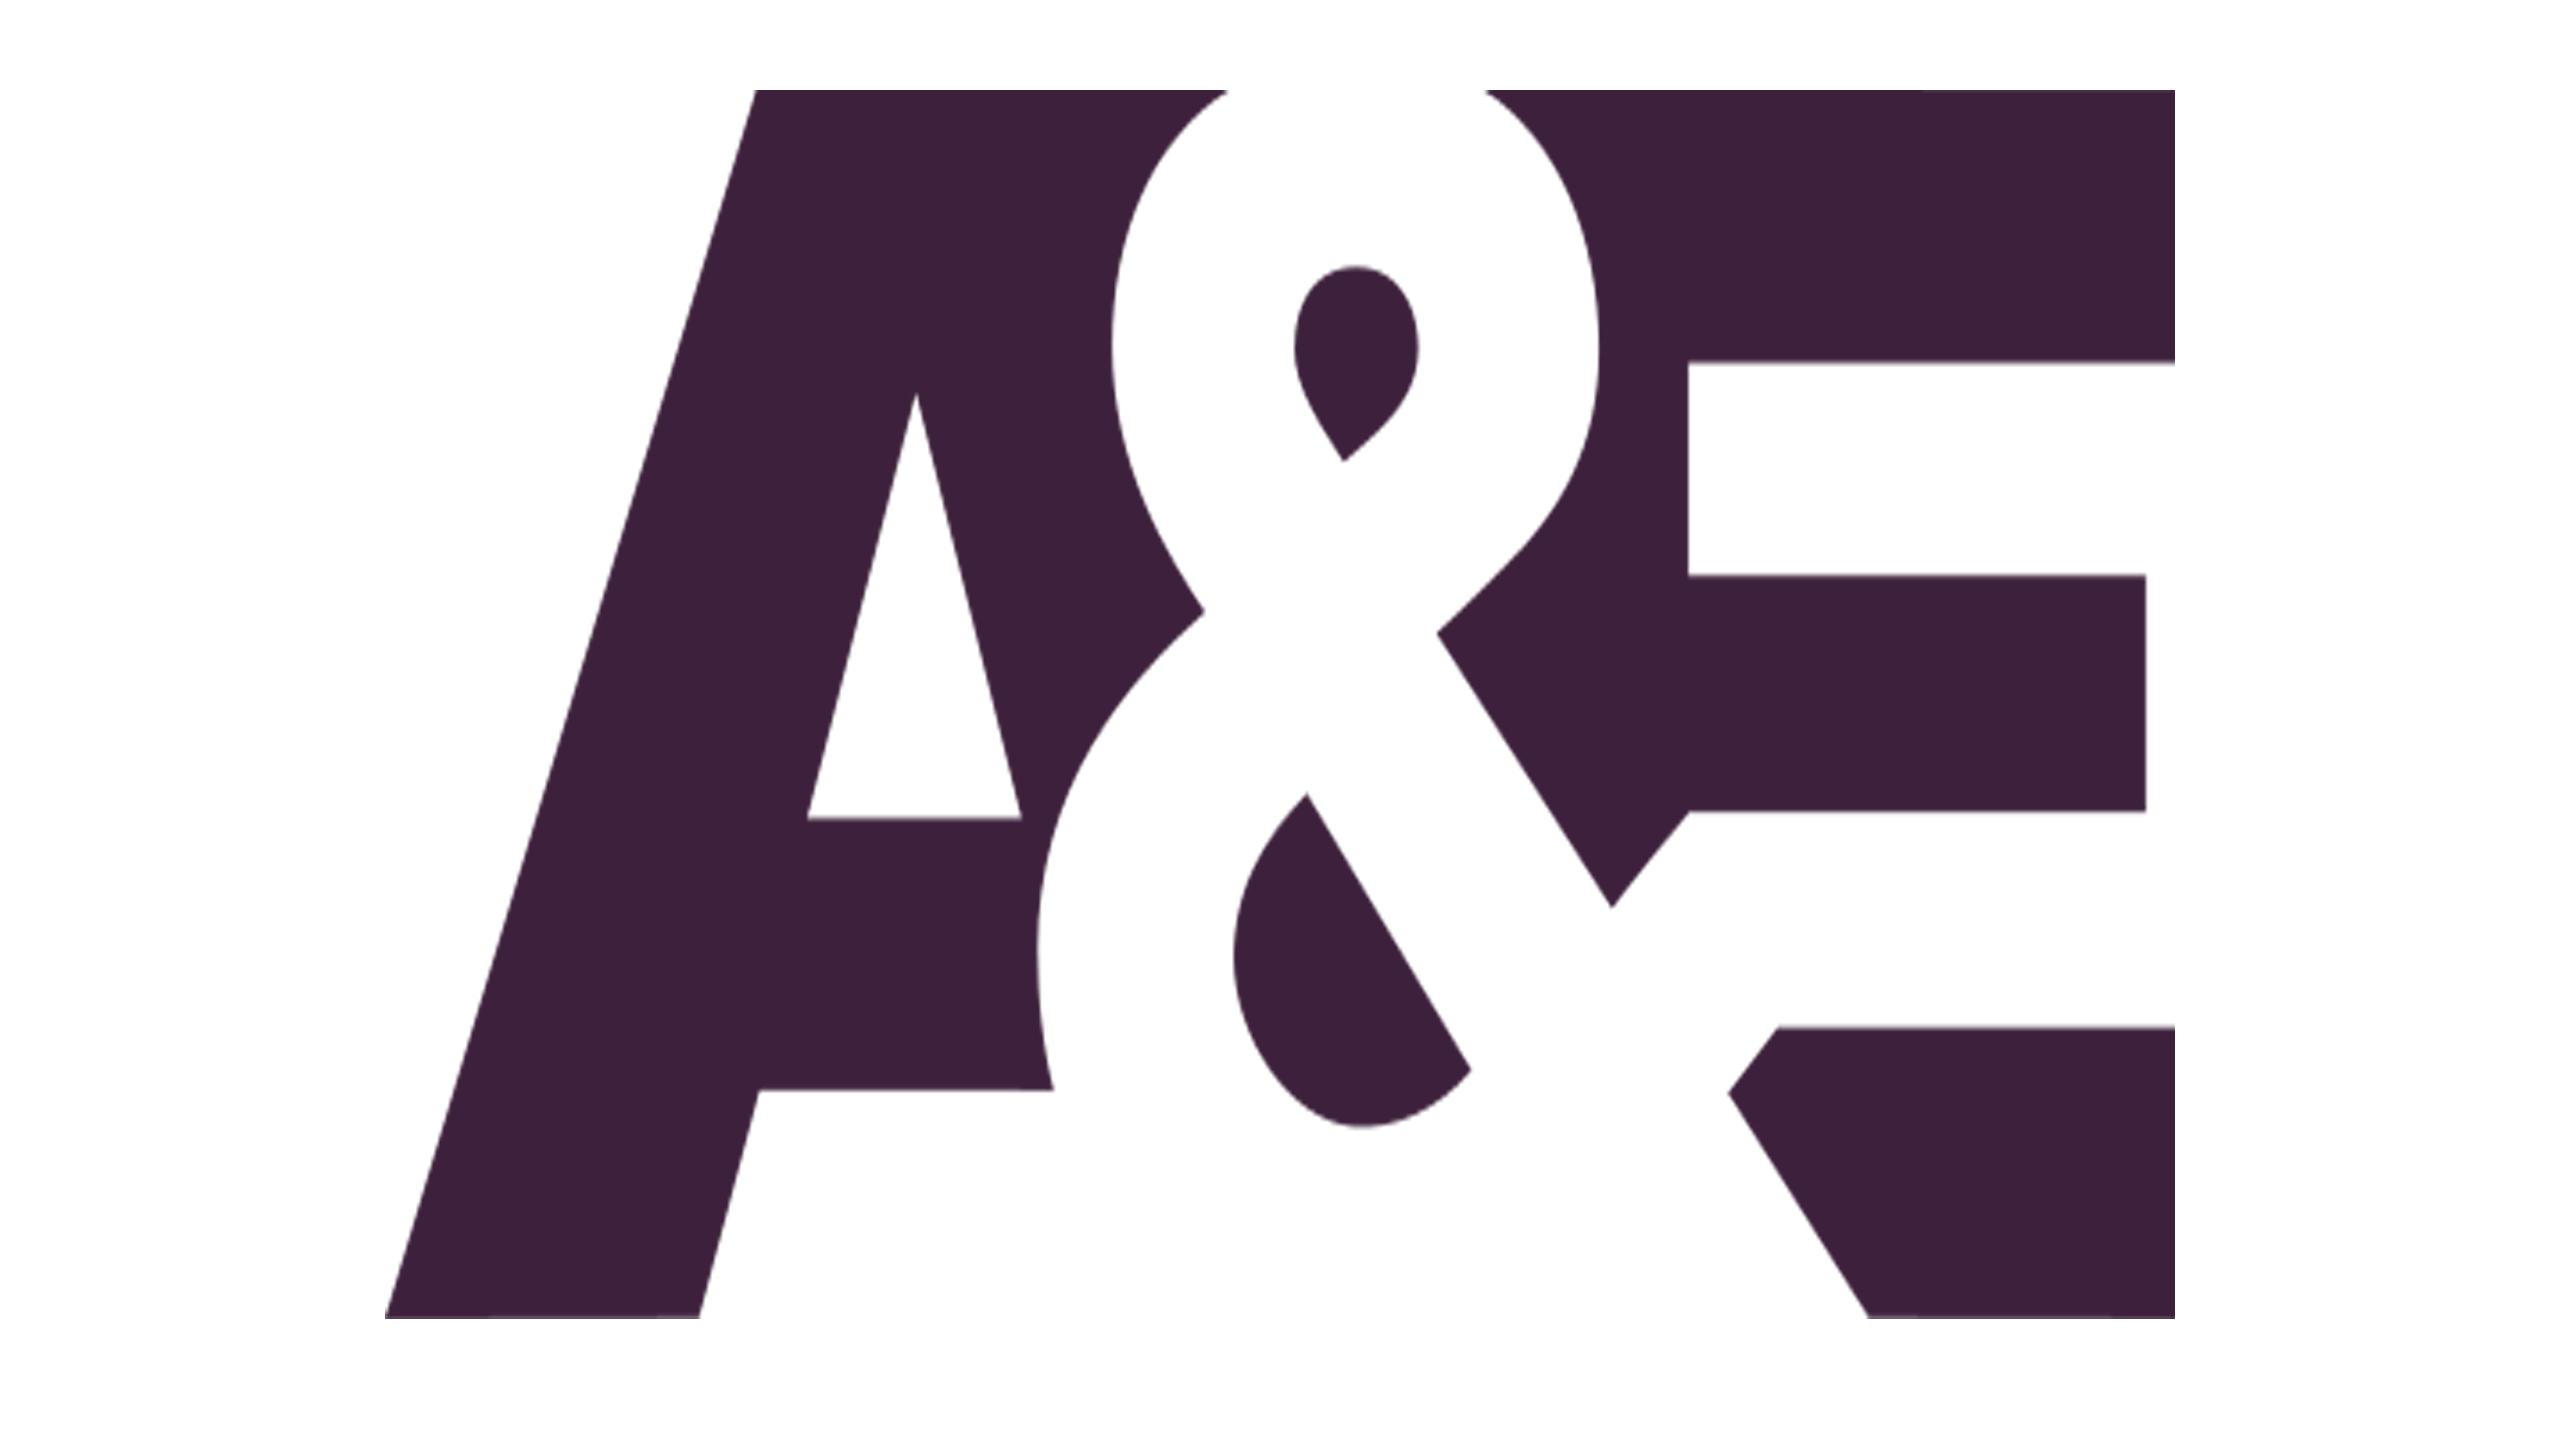 A&E featured image